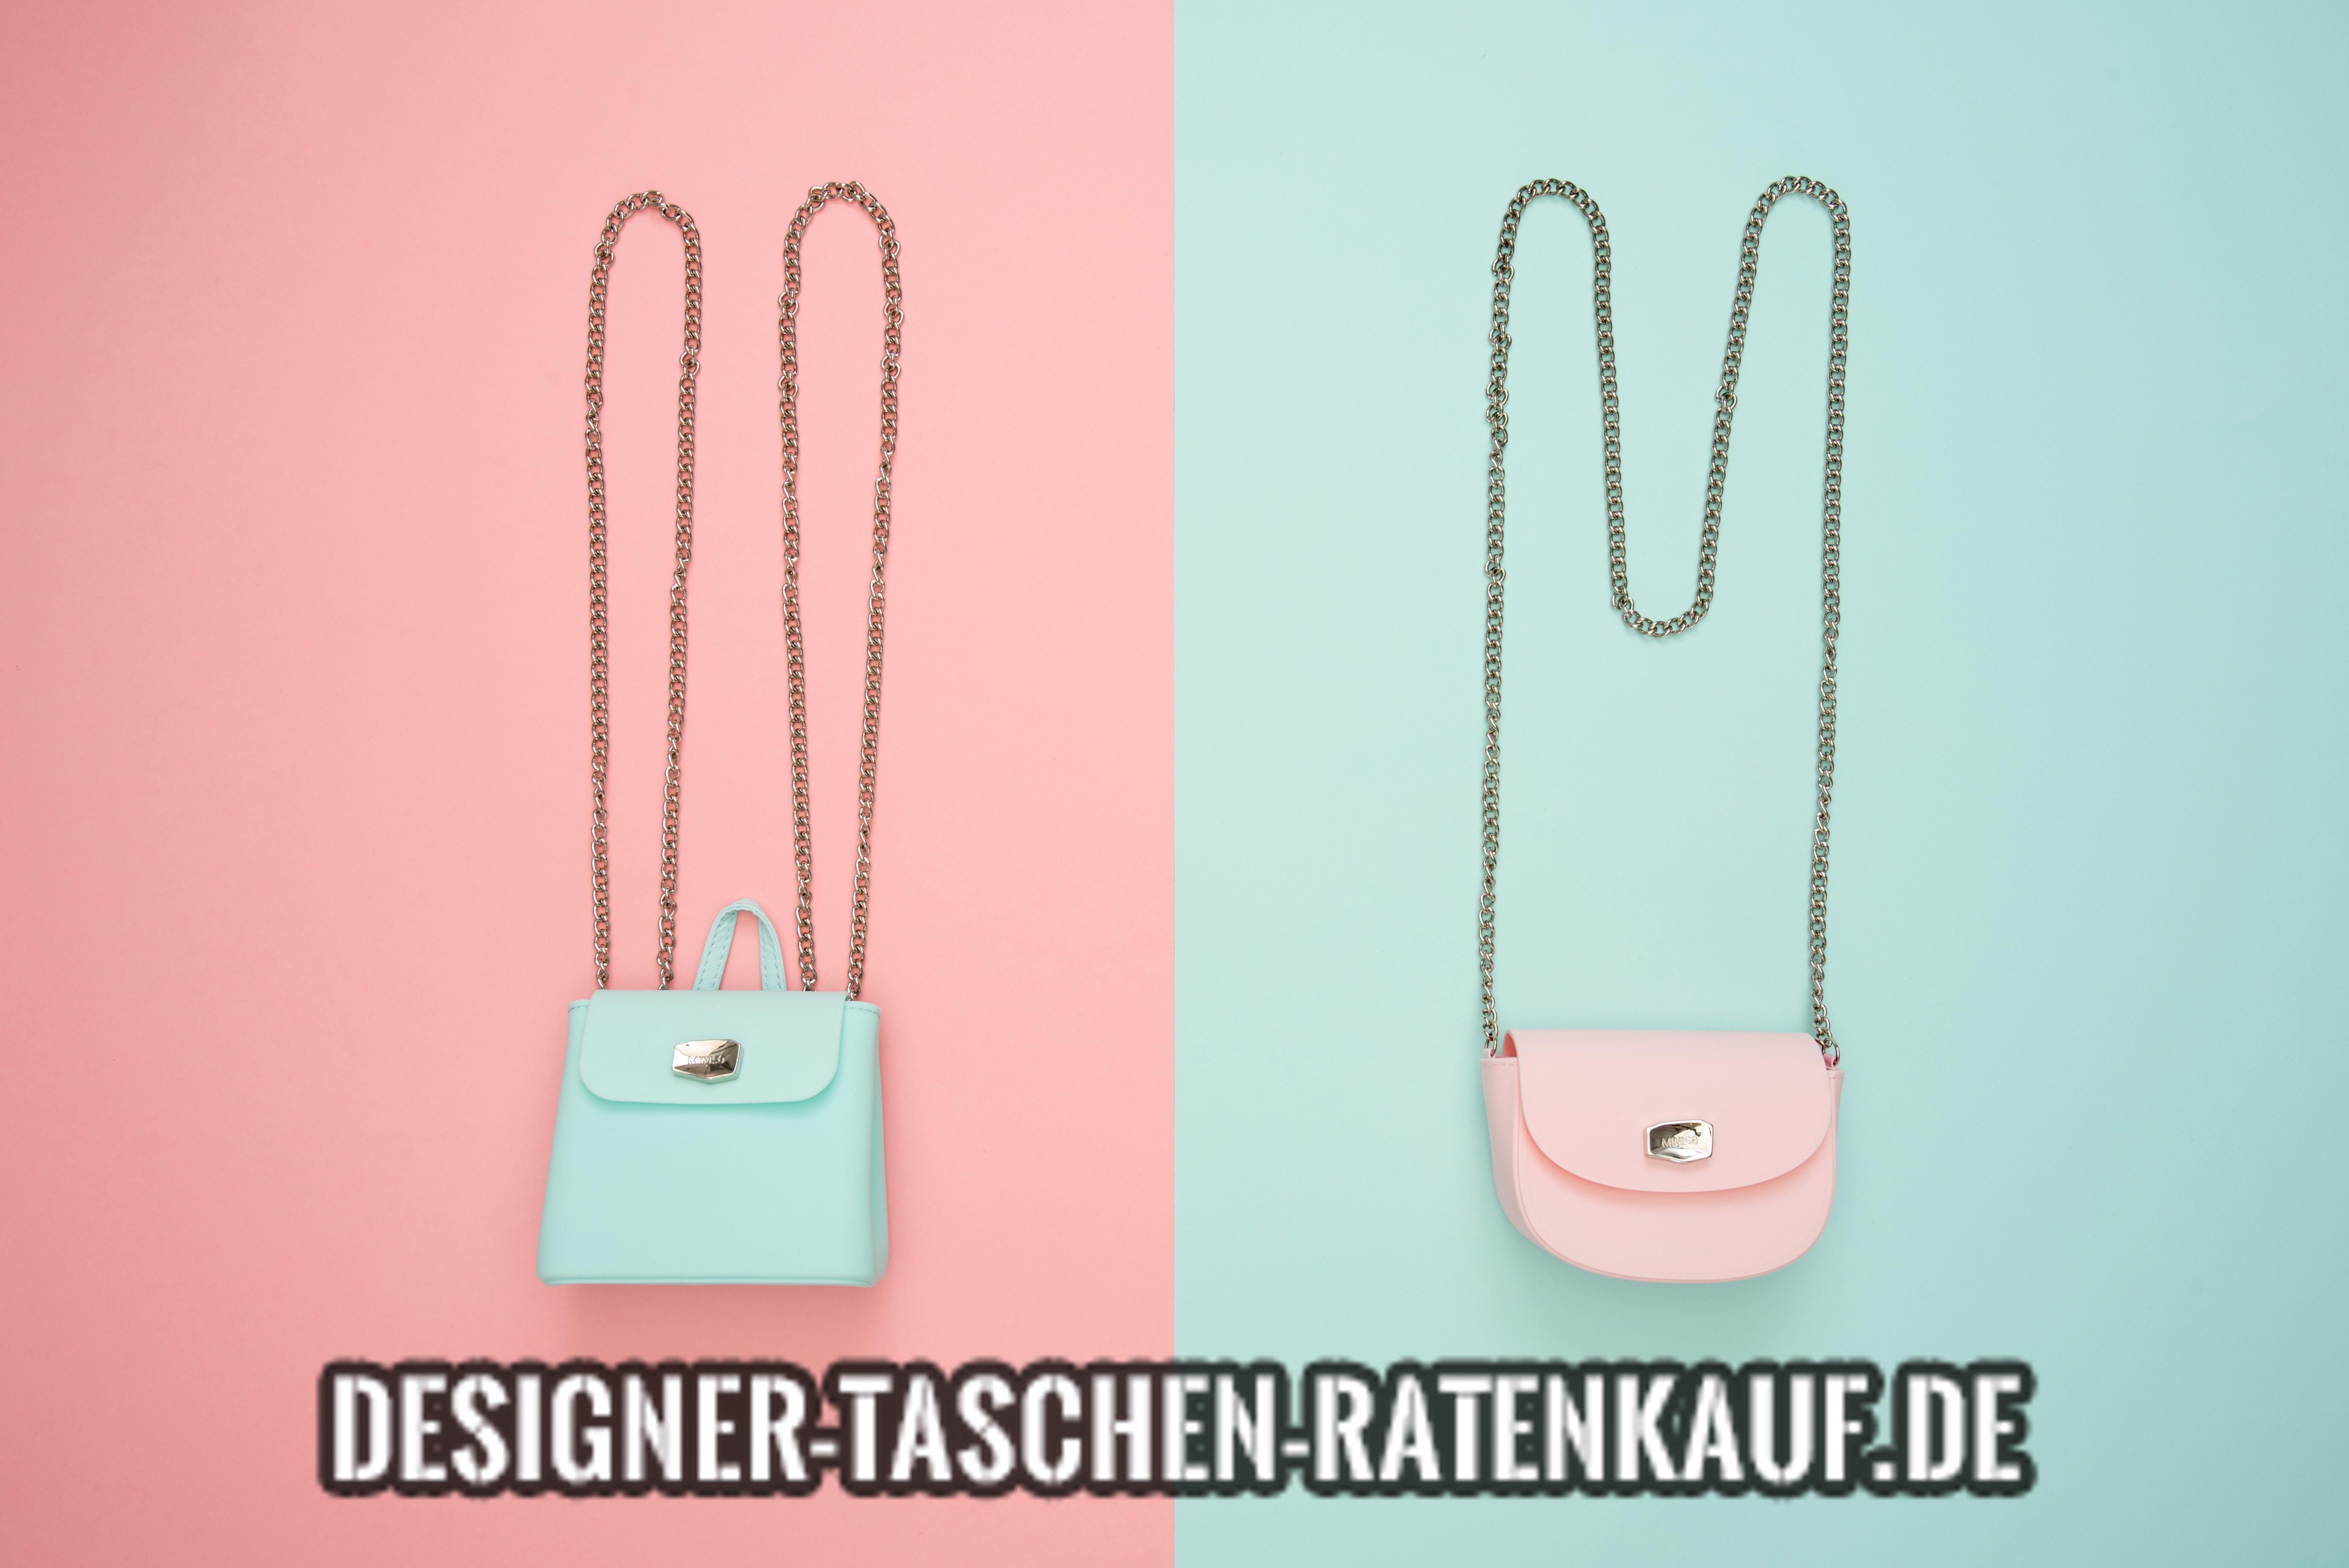 designer taschen in raten bezahlen